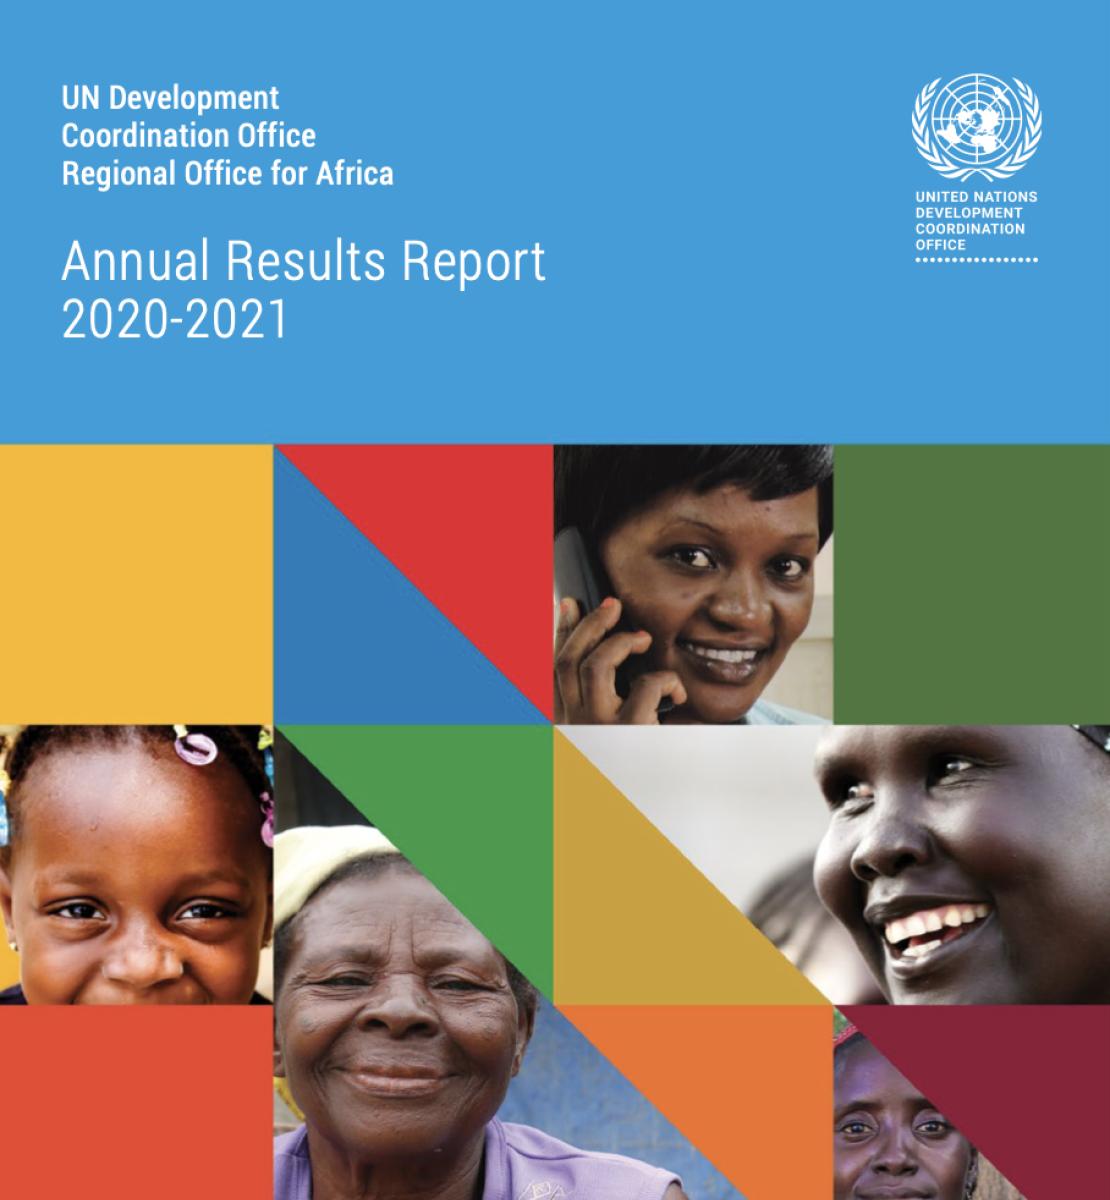 Couverture sur fond bleu du Rapport annuel sur les résultats 2020-2021 du Bureau de la coordination des activités de développement en Afrique. Au centre de la couverture figurent plusieurs rangées de carrés alternant des fonds colorés et les visages de différentes personnes souriant à la caméra.